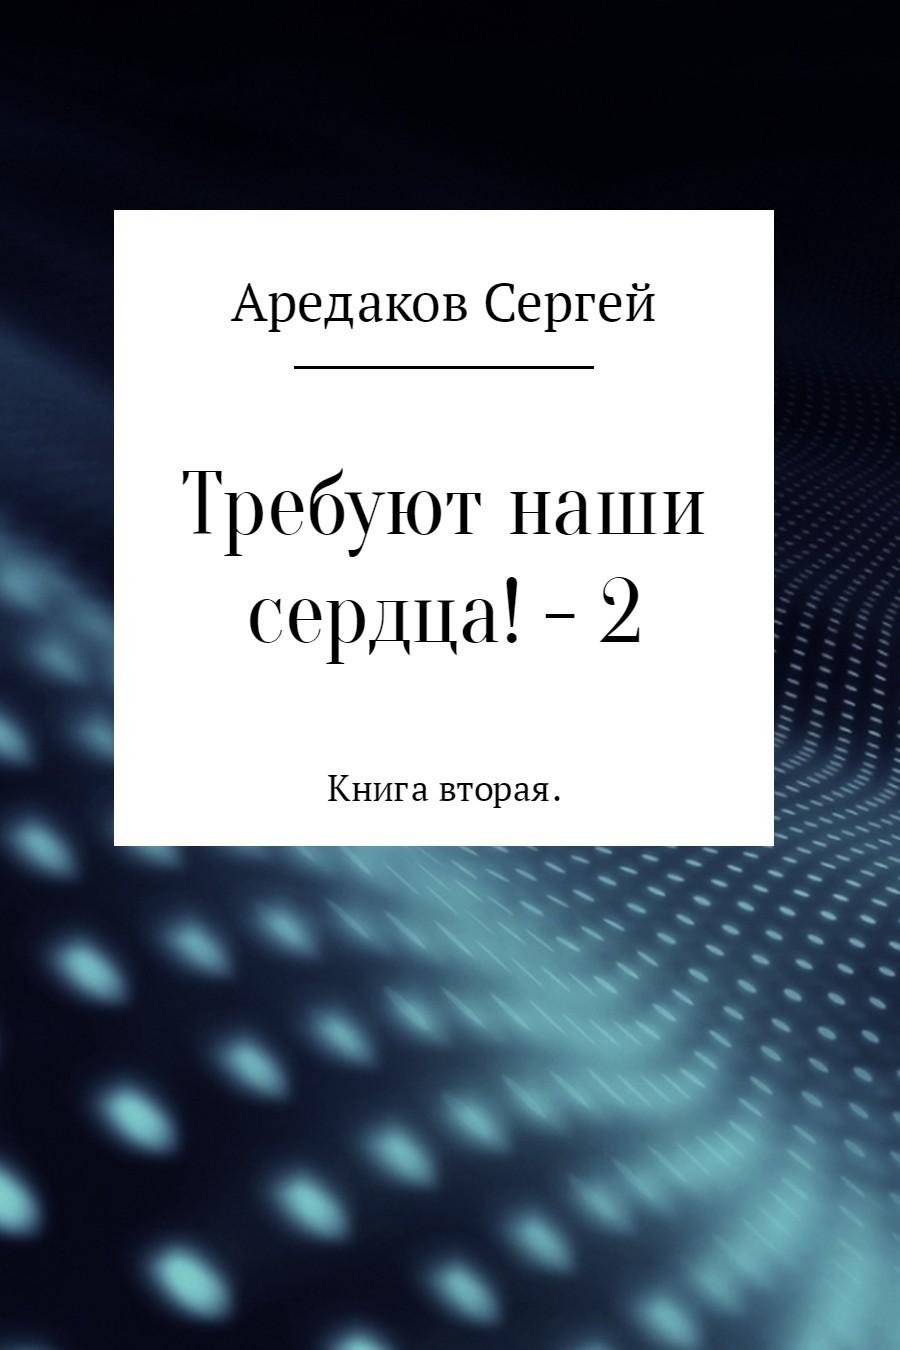 Сергей Александрович Аредаков. Требуют наши сердца!– 2